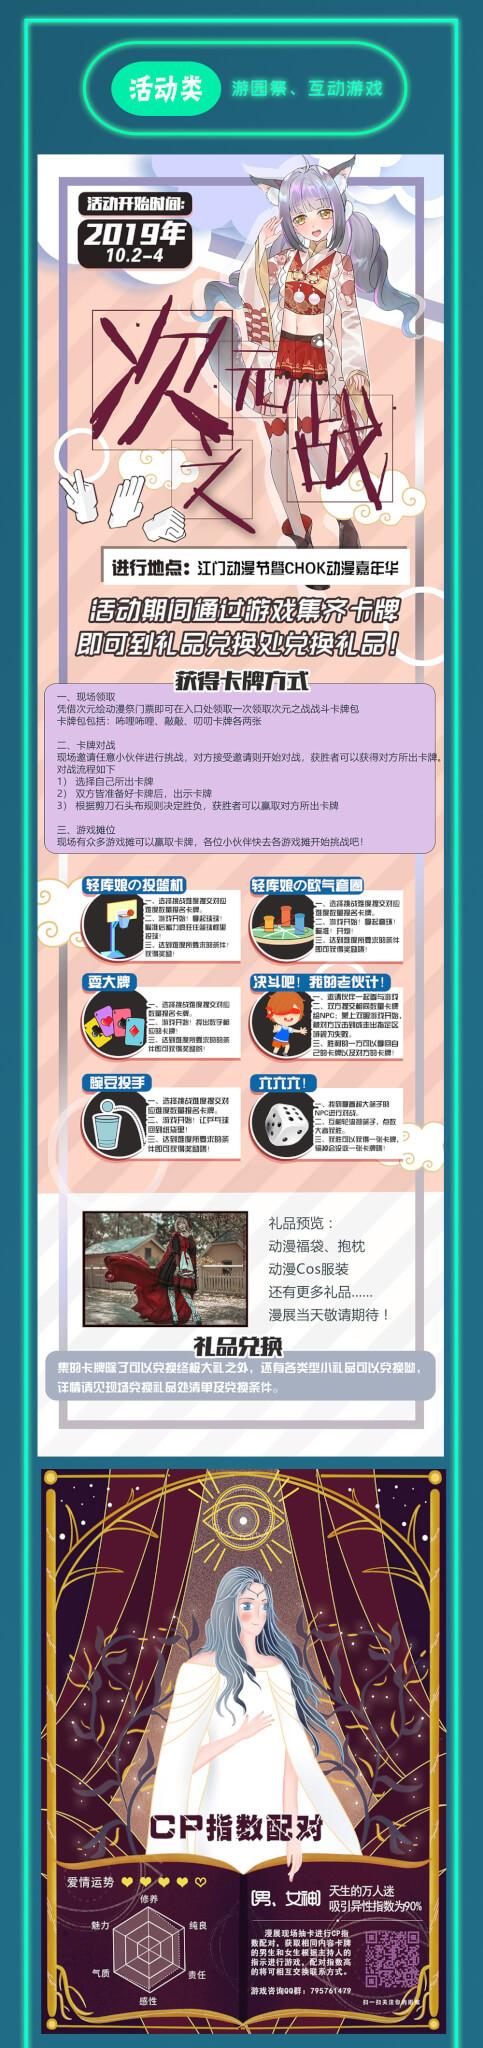 江门动漫节暨Chok动漫嘉年华来了~-C3动漫网